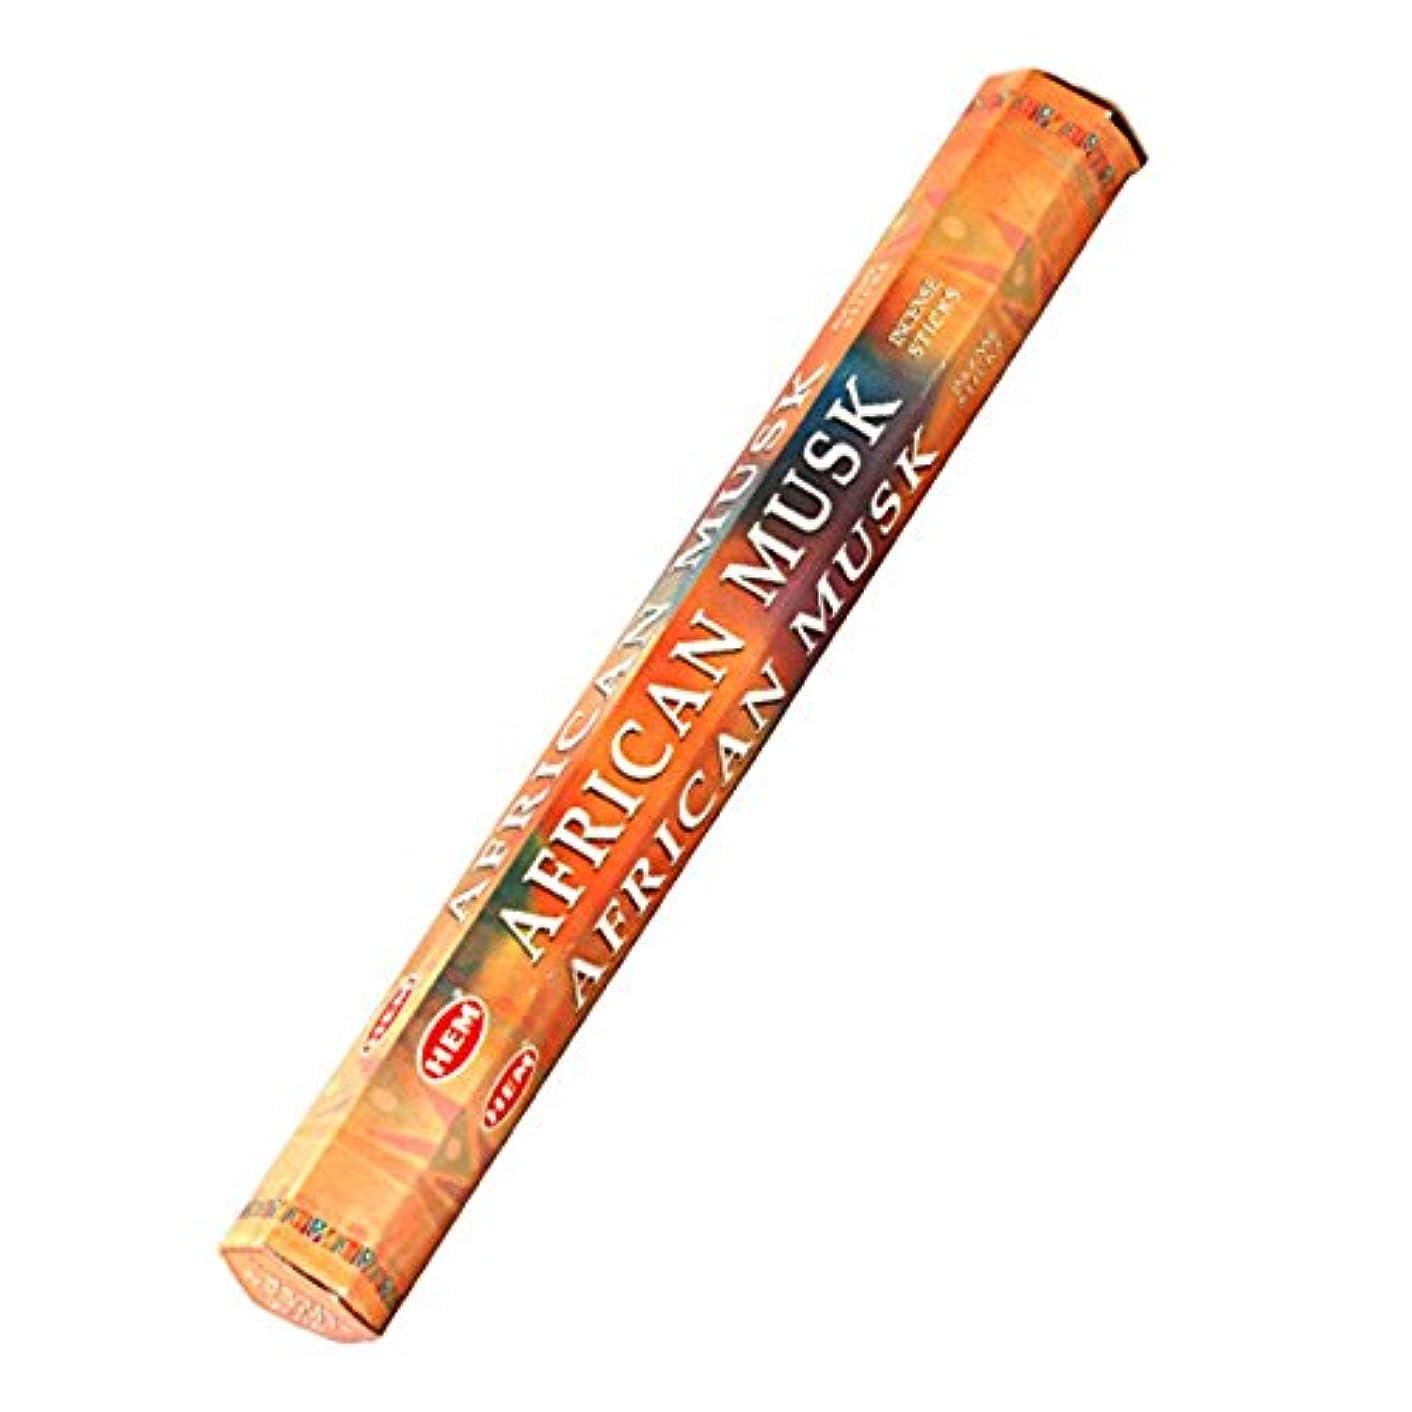 一月フィルタ転倒HEM(ヘム) アフリカンムスク AFRICAN MUSK スティックタイプ お香 1筒 単品 [並行輸入品]